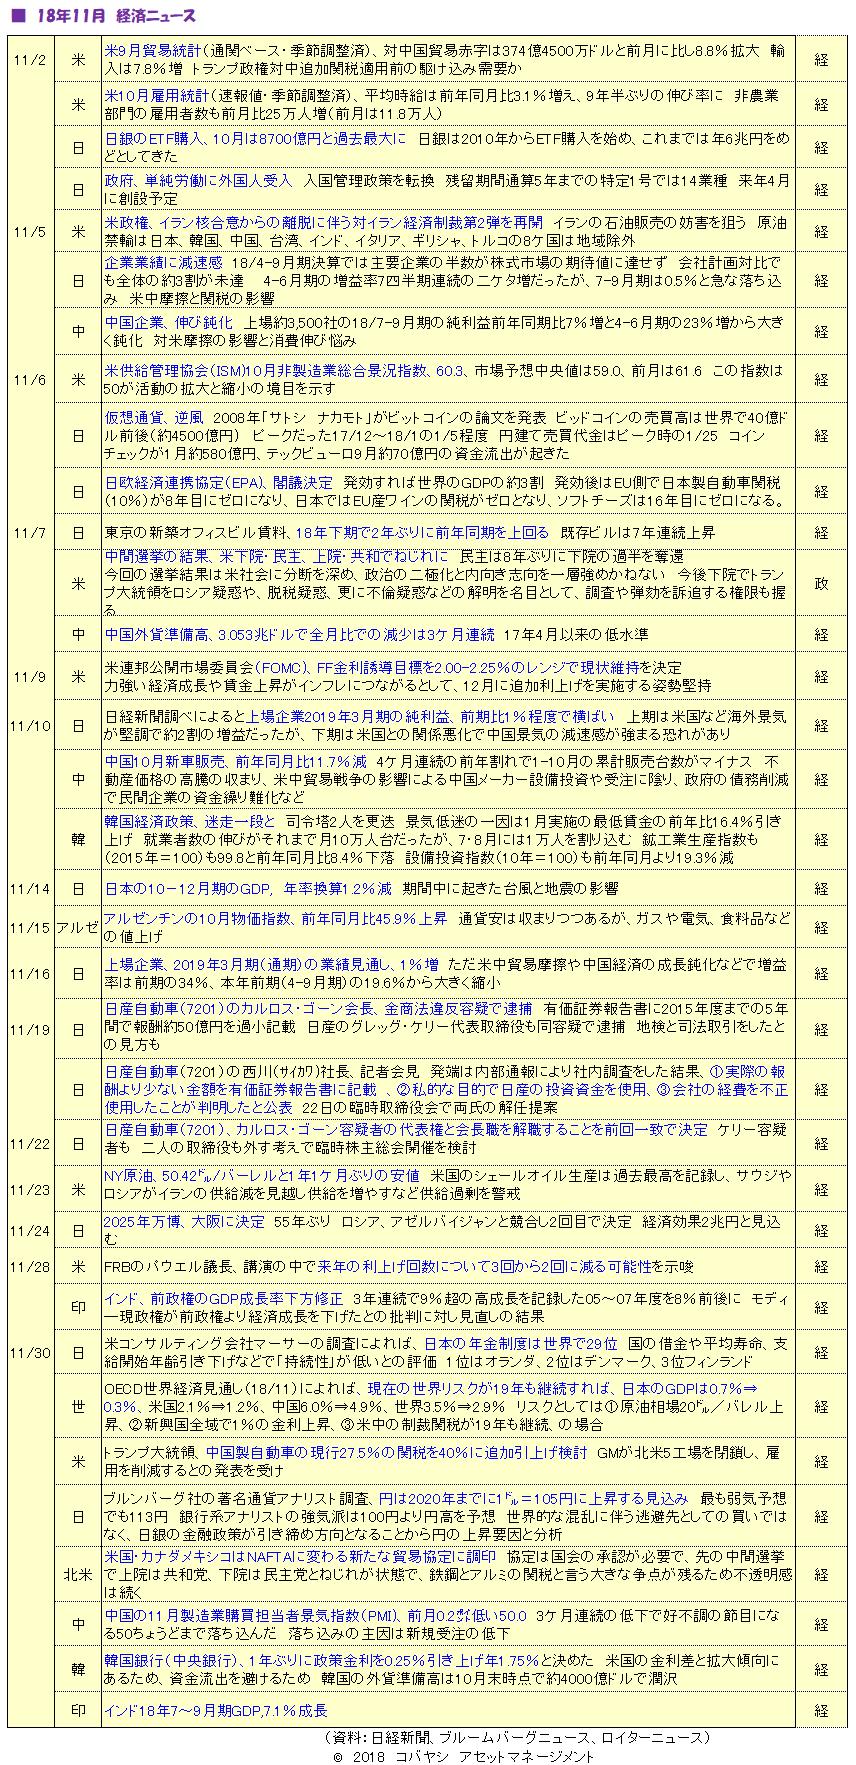 '1811_経済ニュース